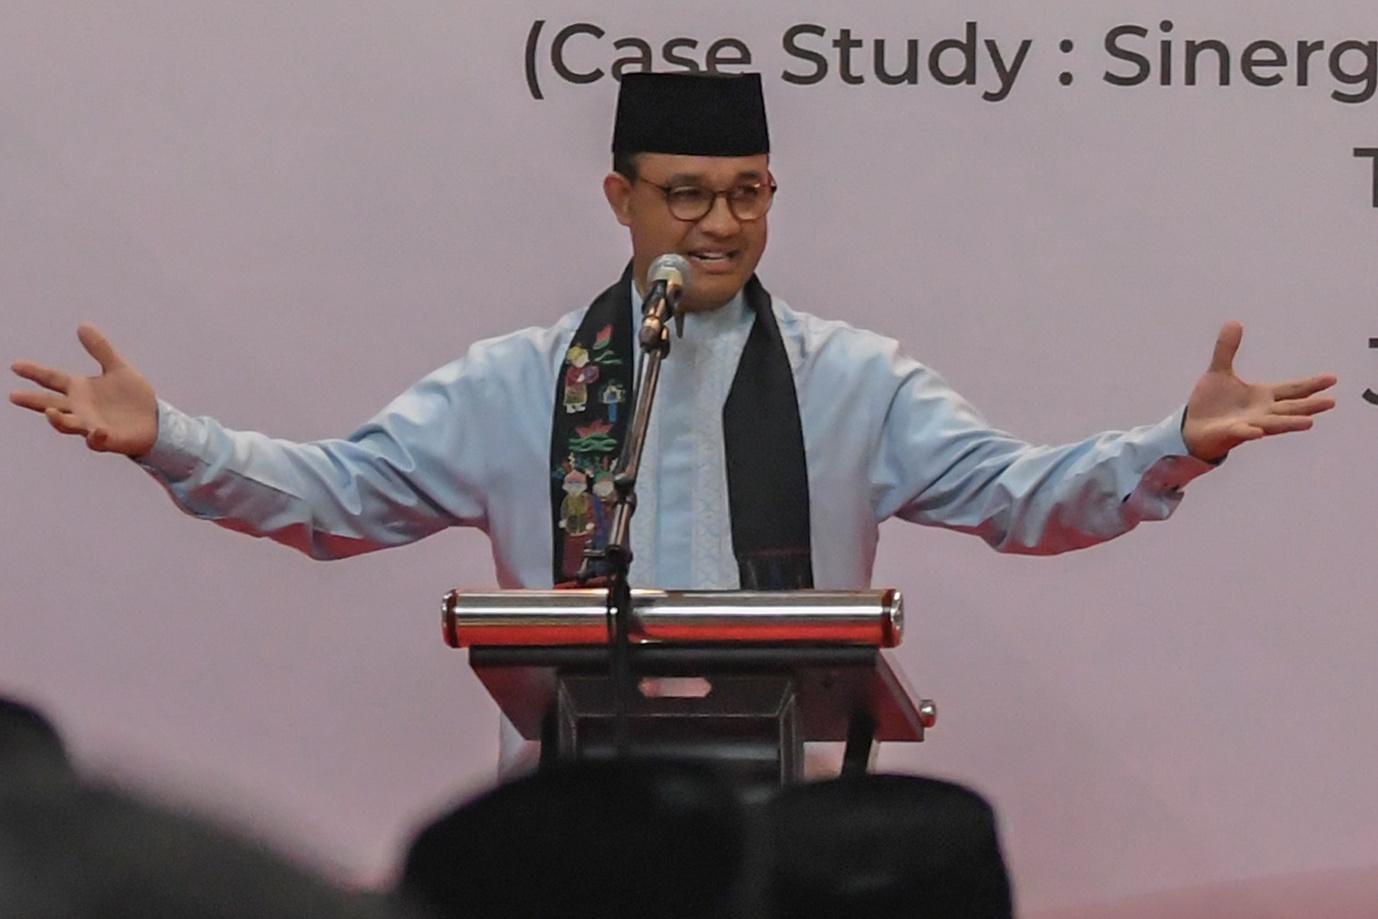 Survei Indo Barometer, Anies Baswedan Paling Berpotensi Jadi Presiden 2024